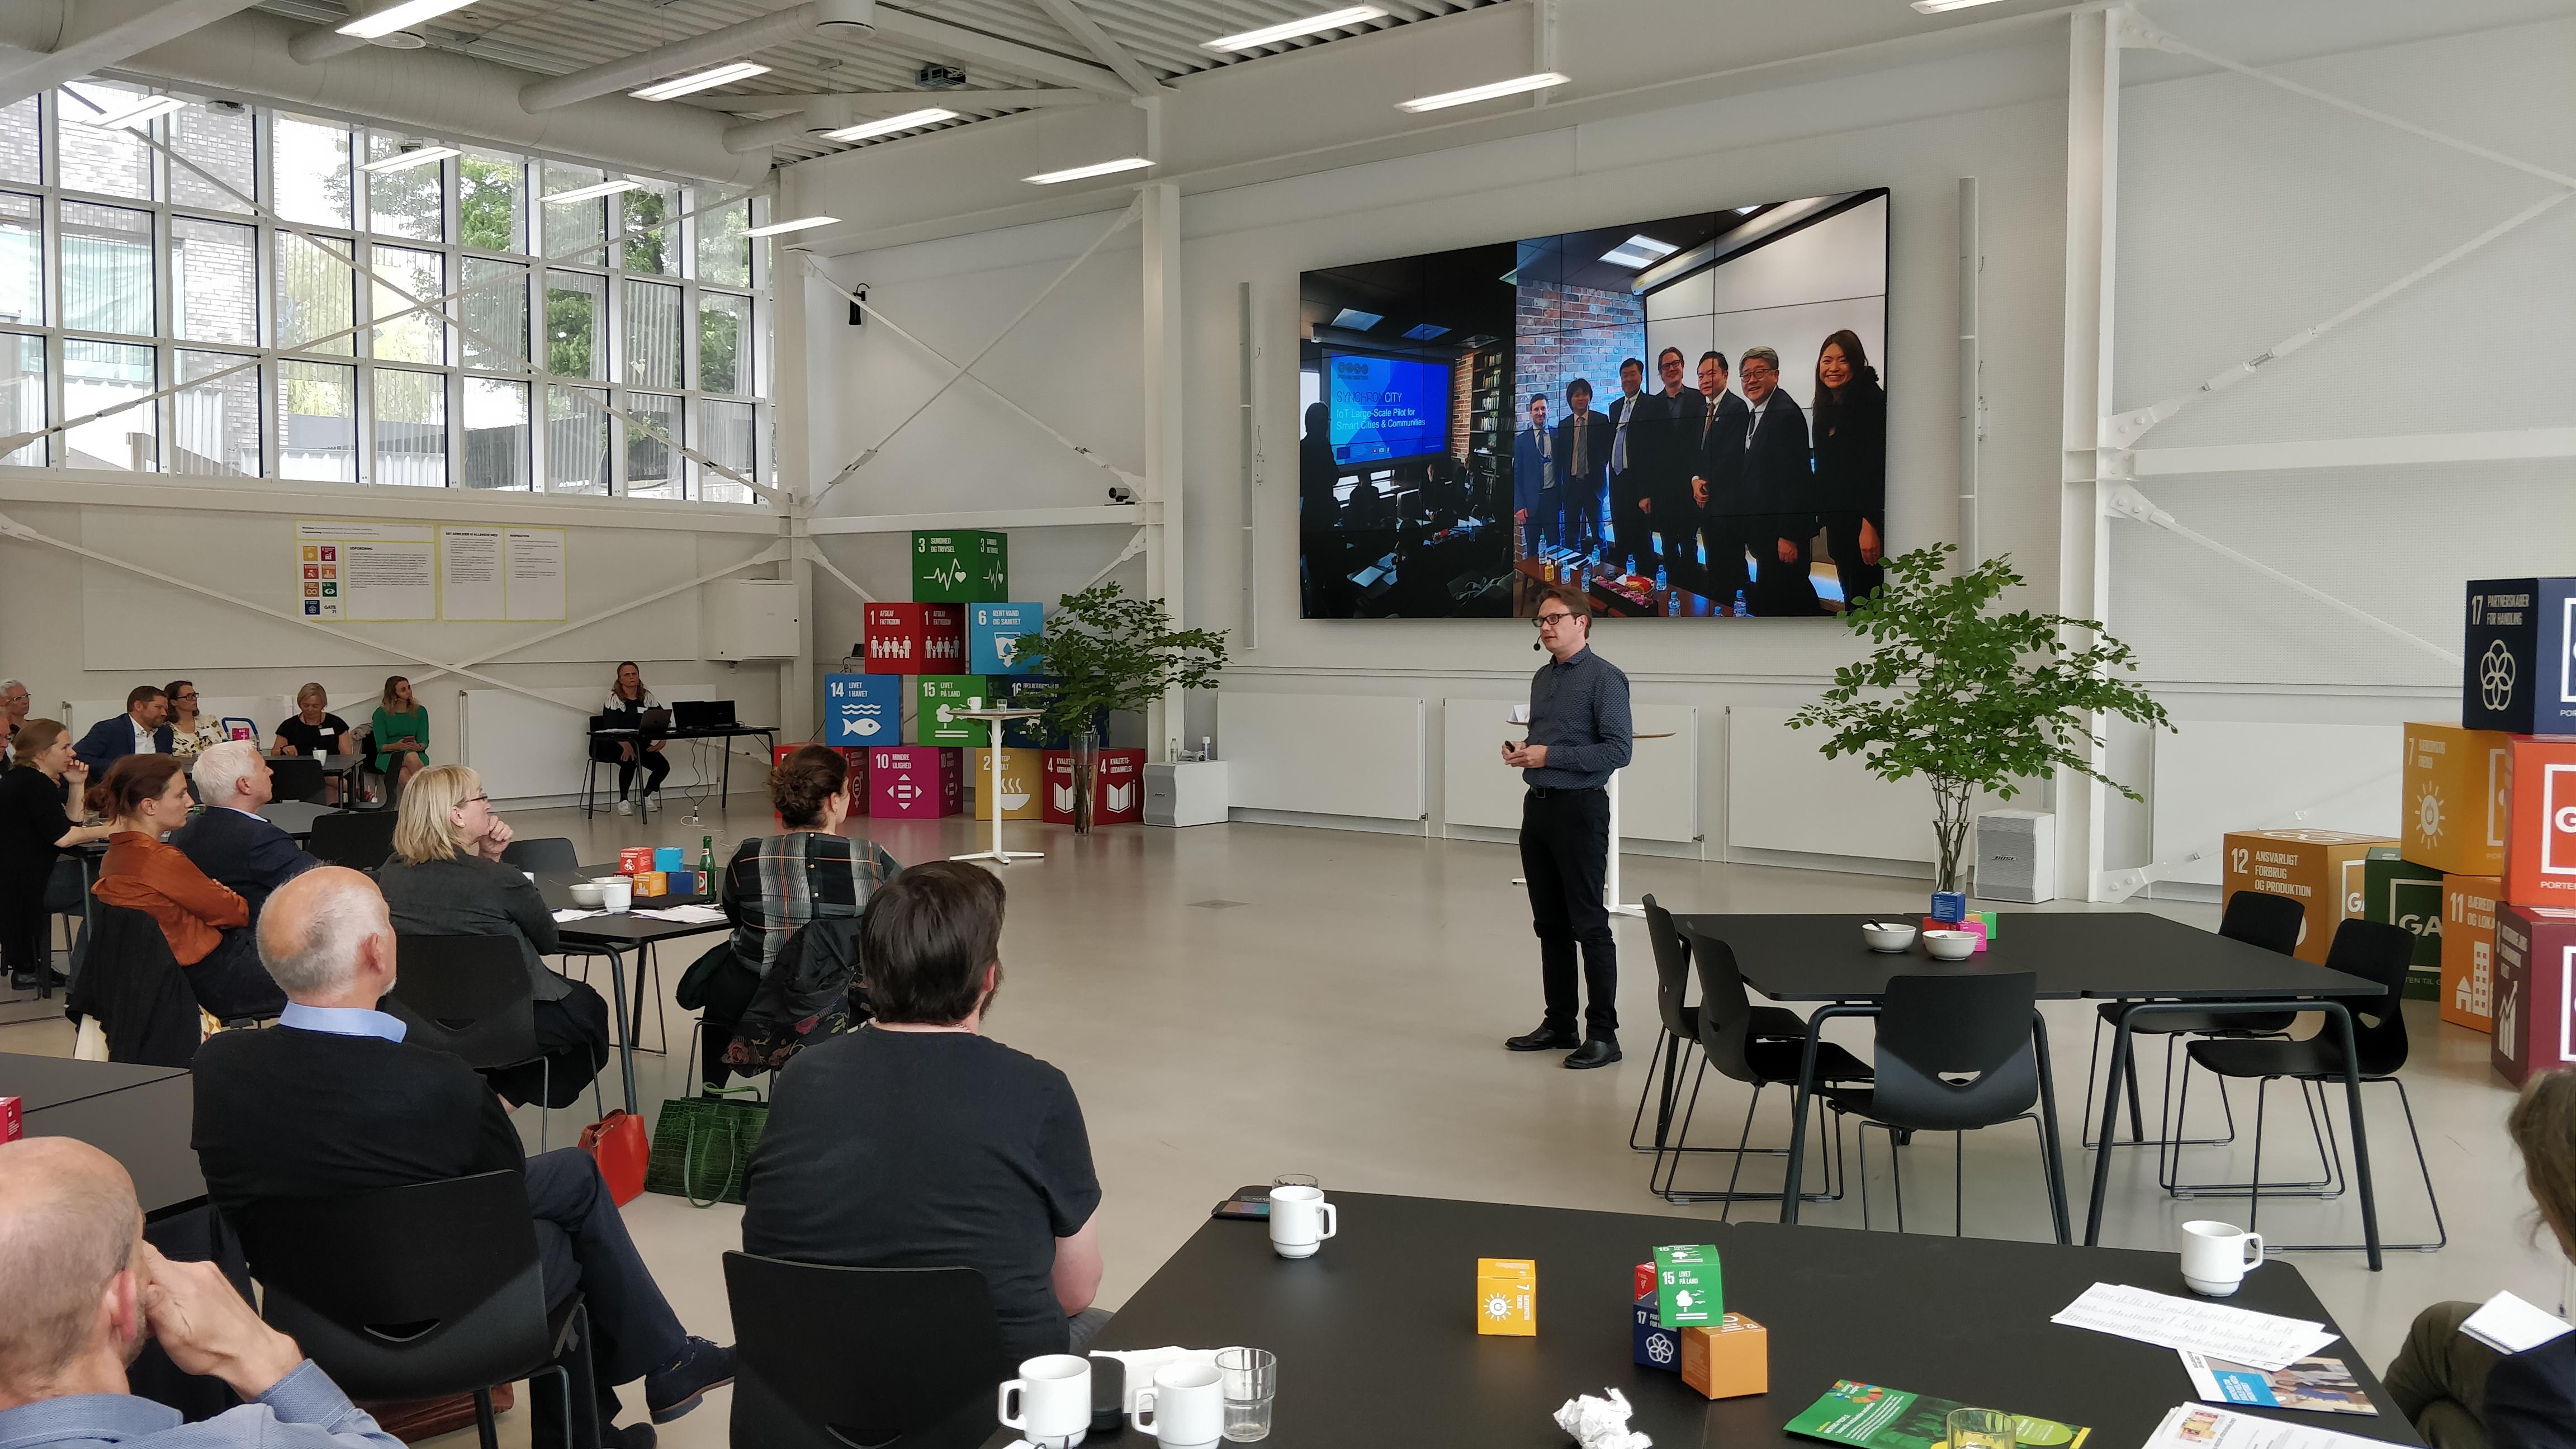 Oplæg fra Martin Brynskov om potentialerne for danske løsninger